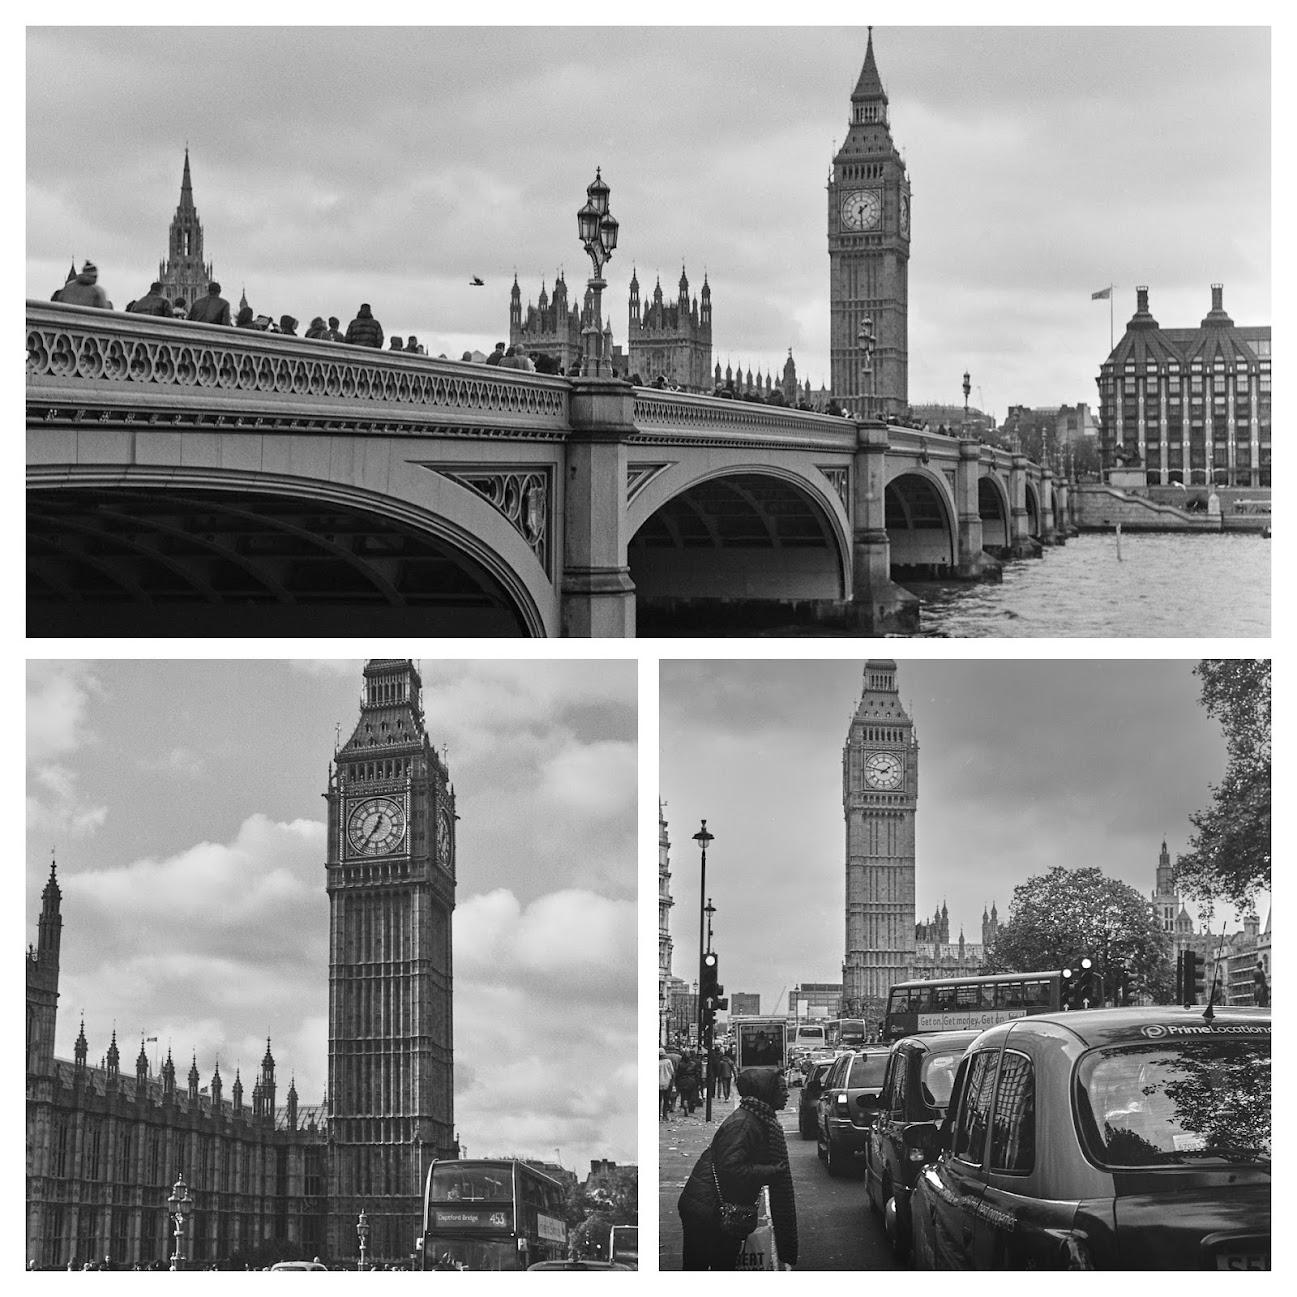 20121027 London 6x9